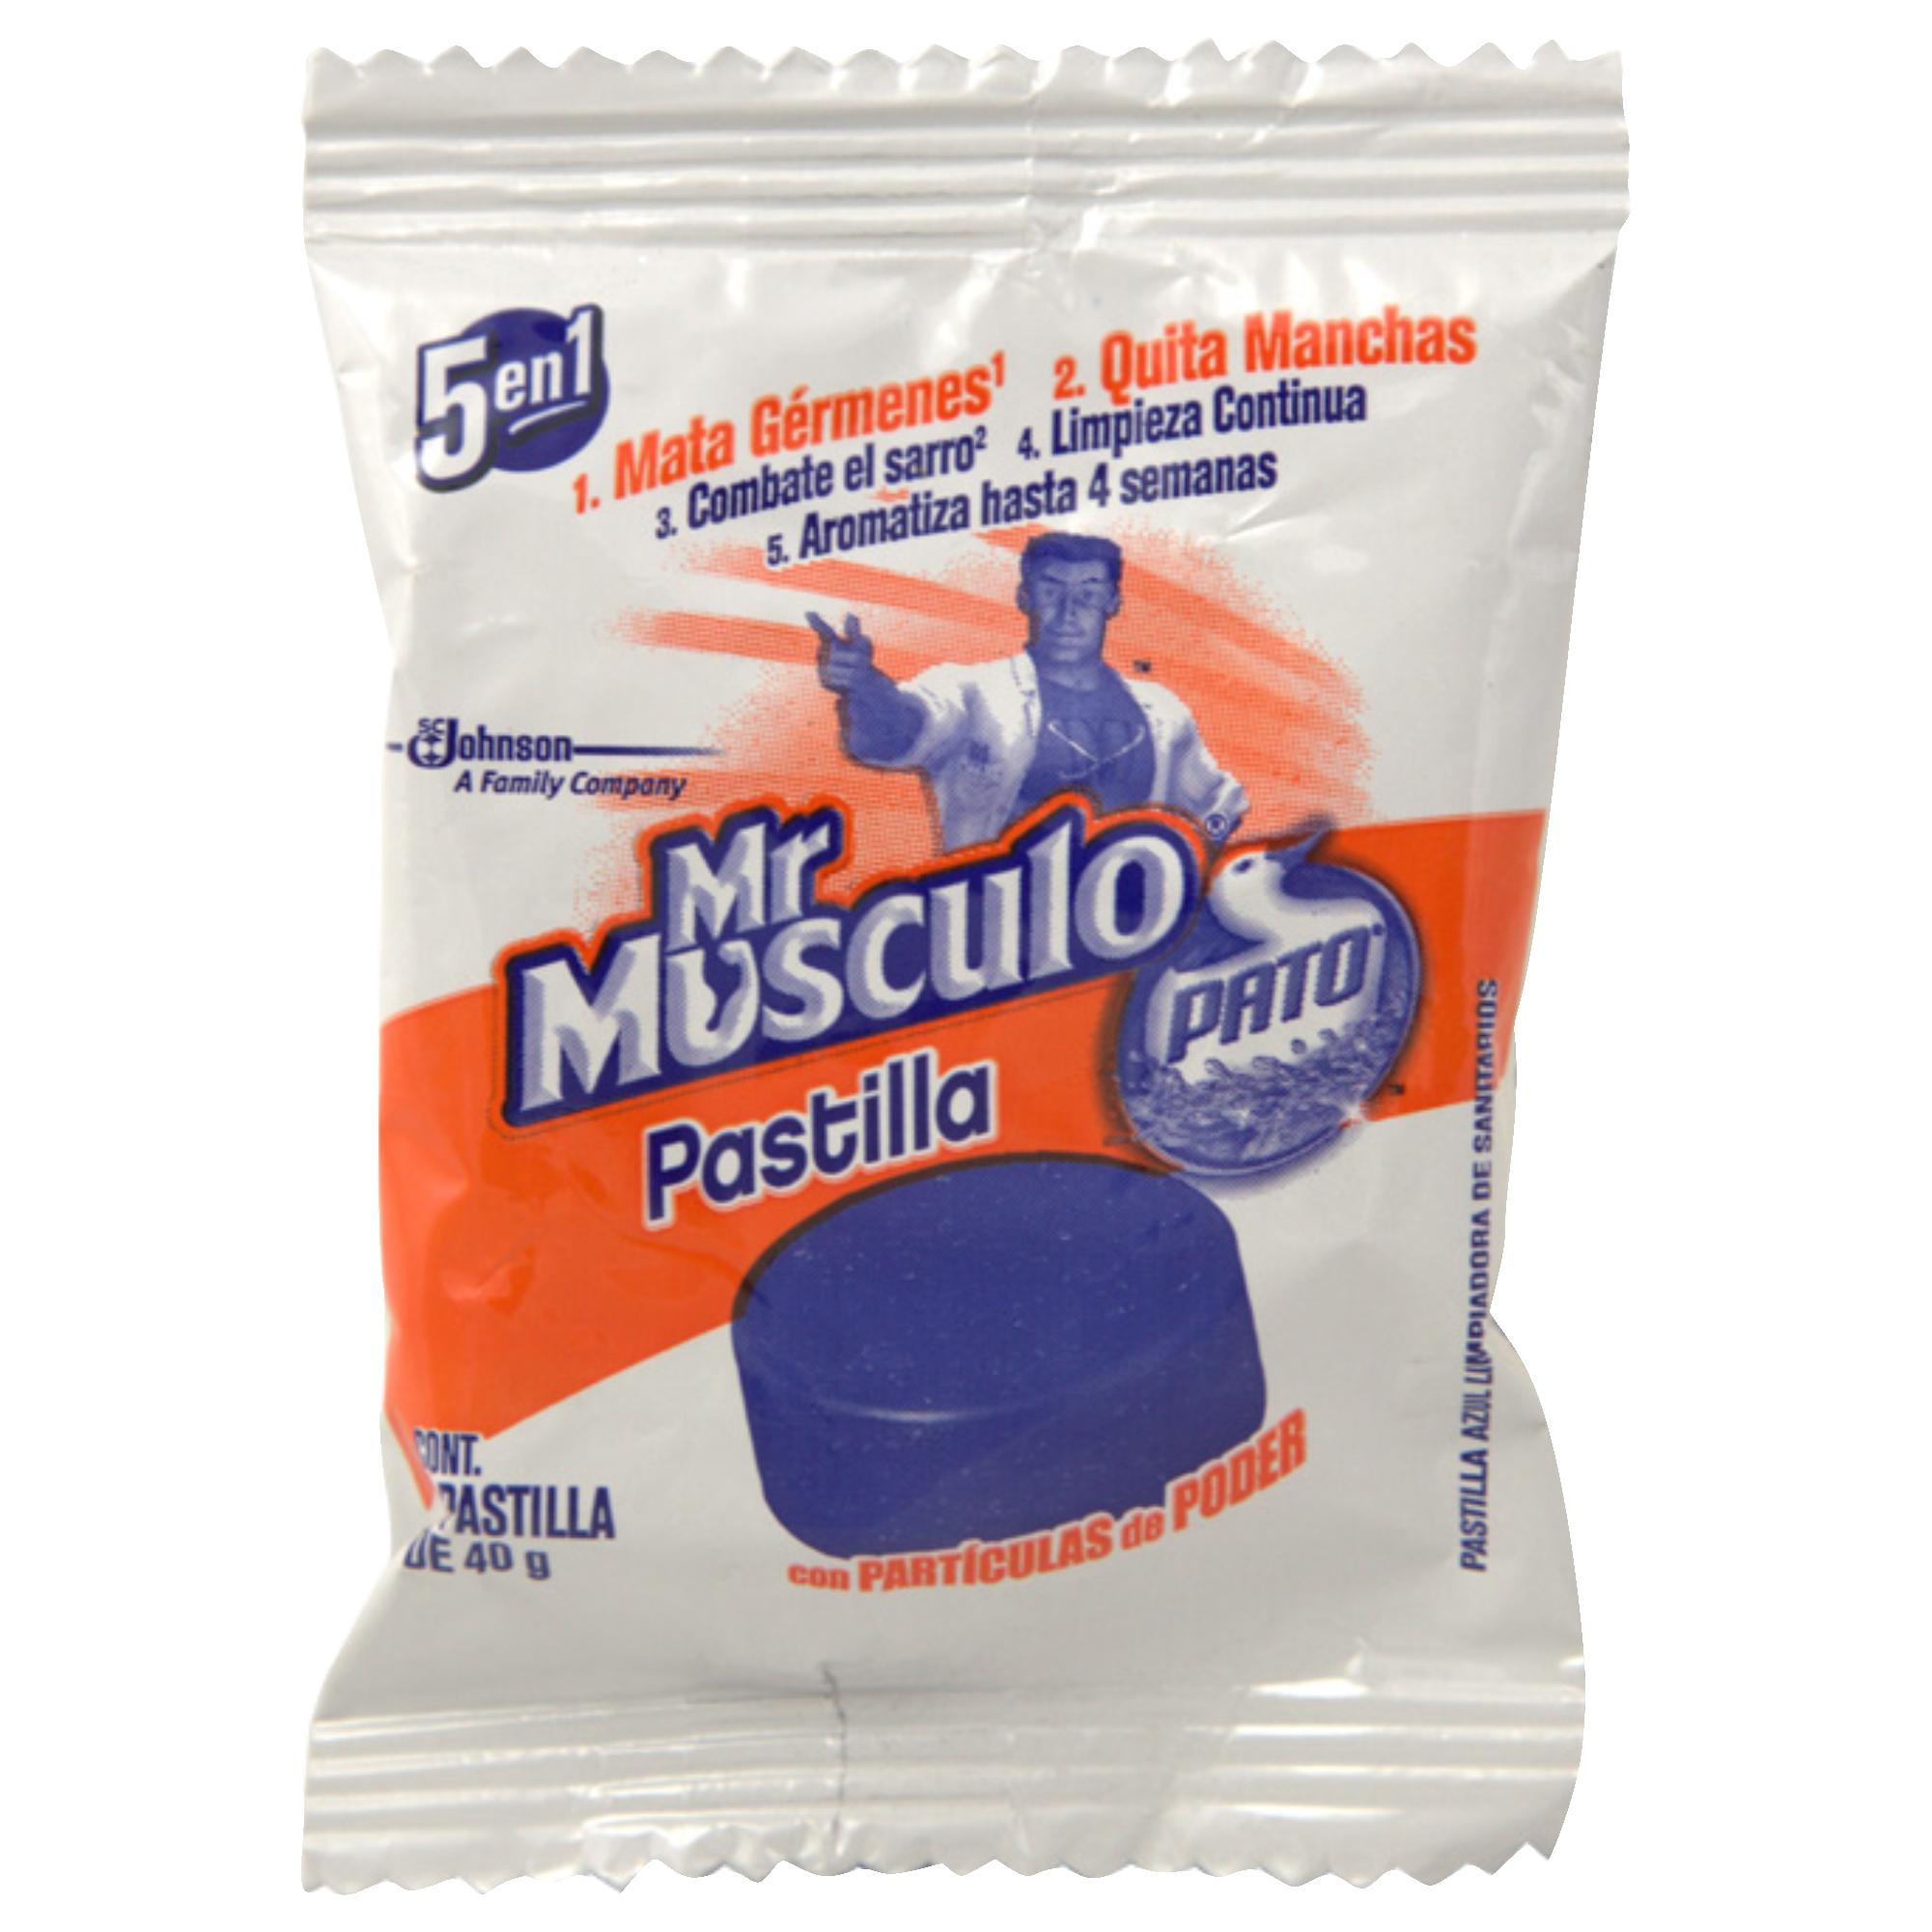 Pastilla Mr